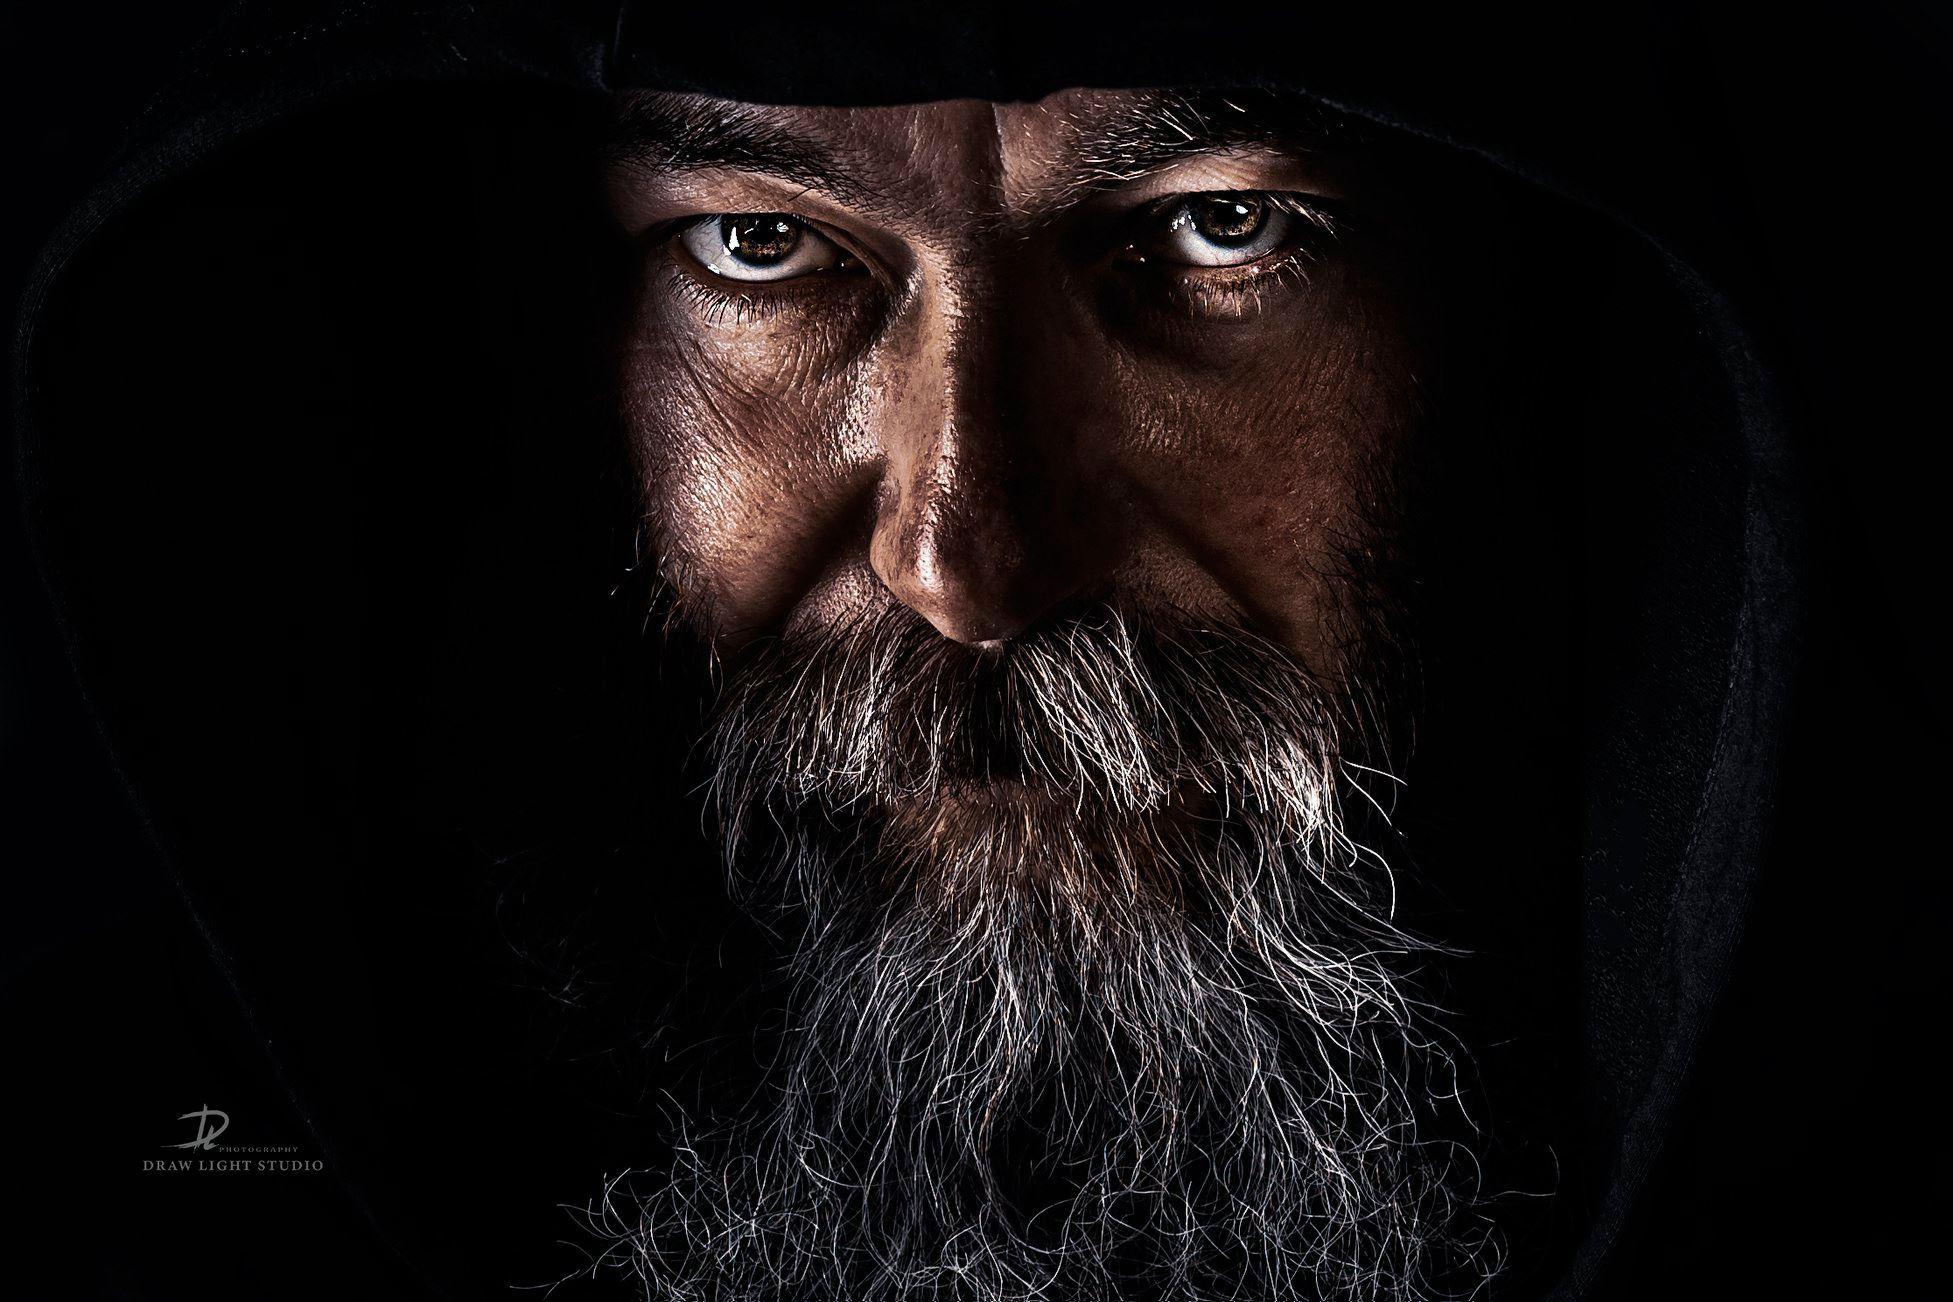 Portret Barona - zdjęcie znalazło się w grupie 8% najlepszych zdjęć portretowych w 2020 roku